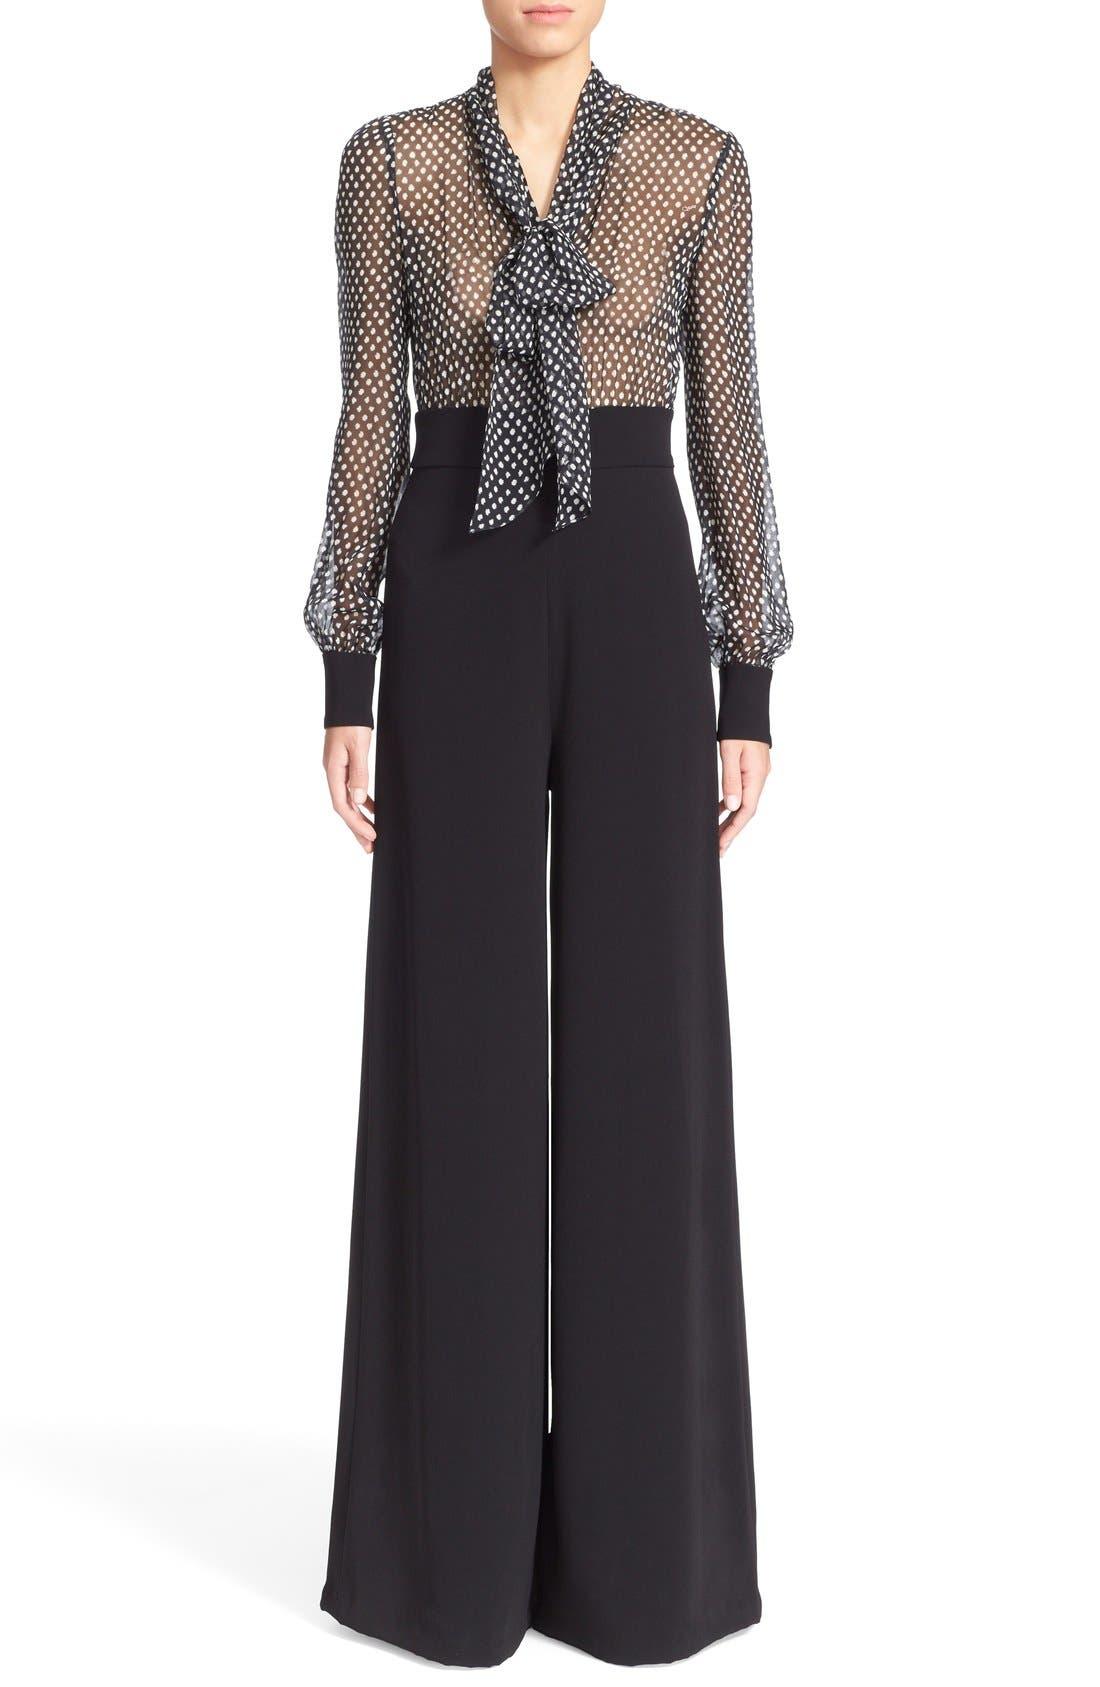 Main Image - Diane von Furstenberg 'Arabella' Polka Dot Silk Jumpsuit